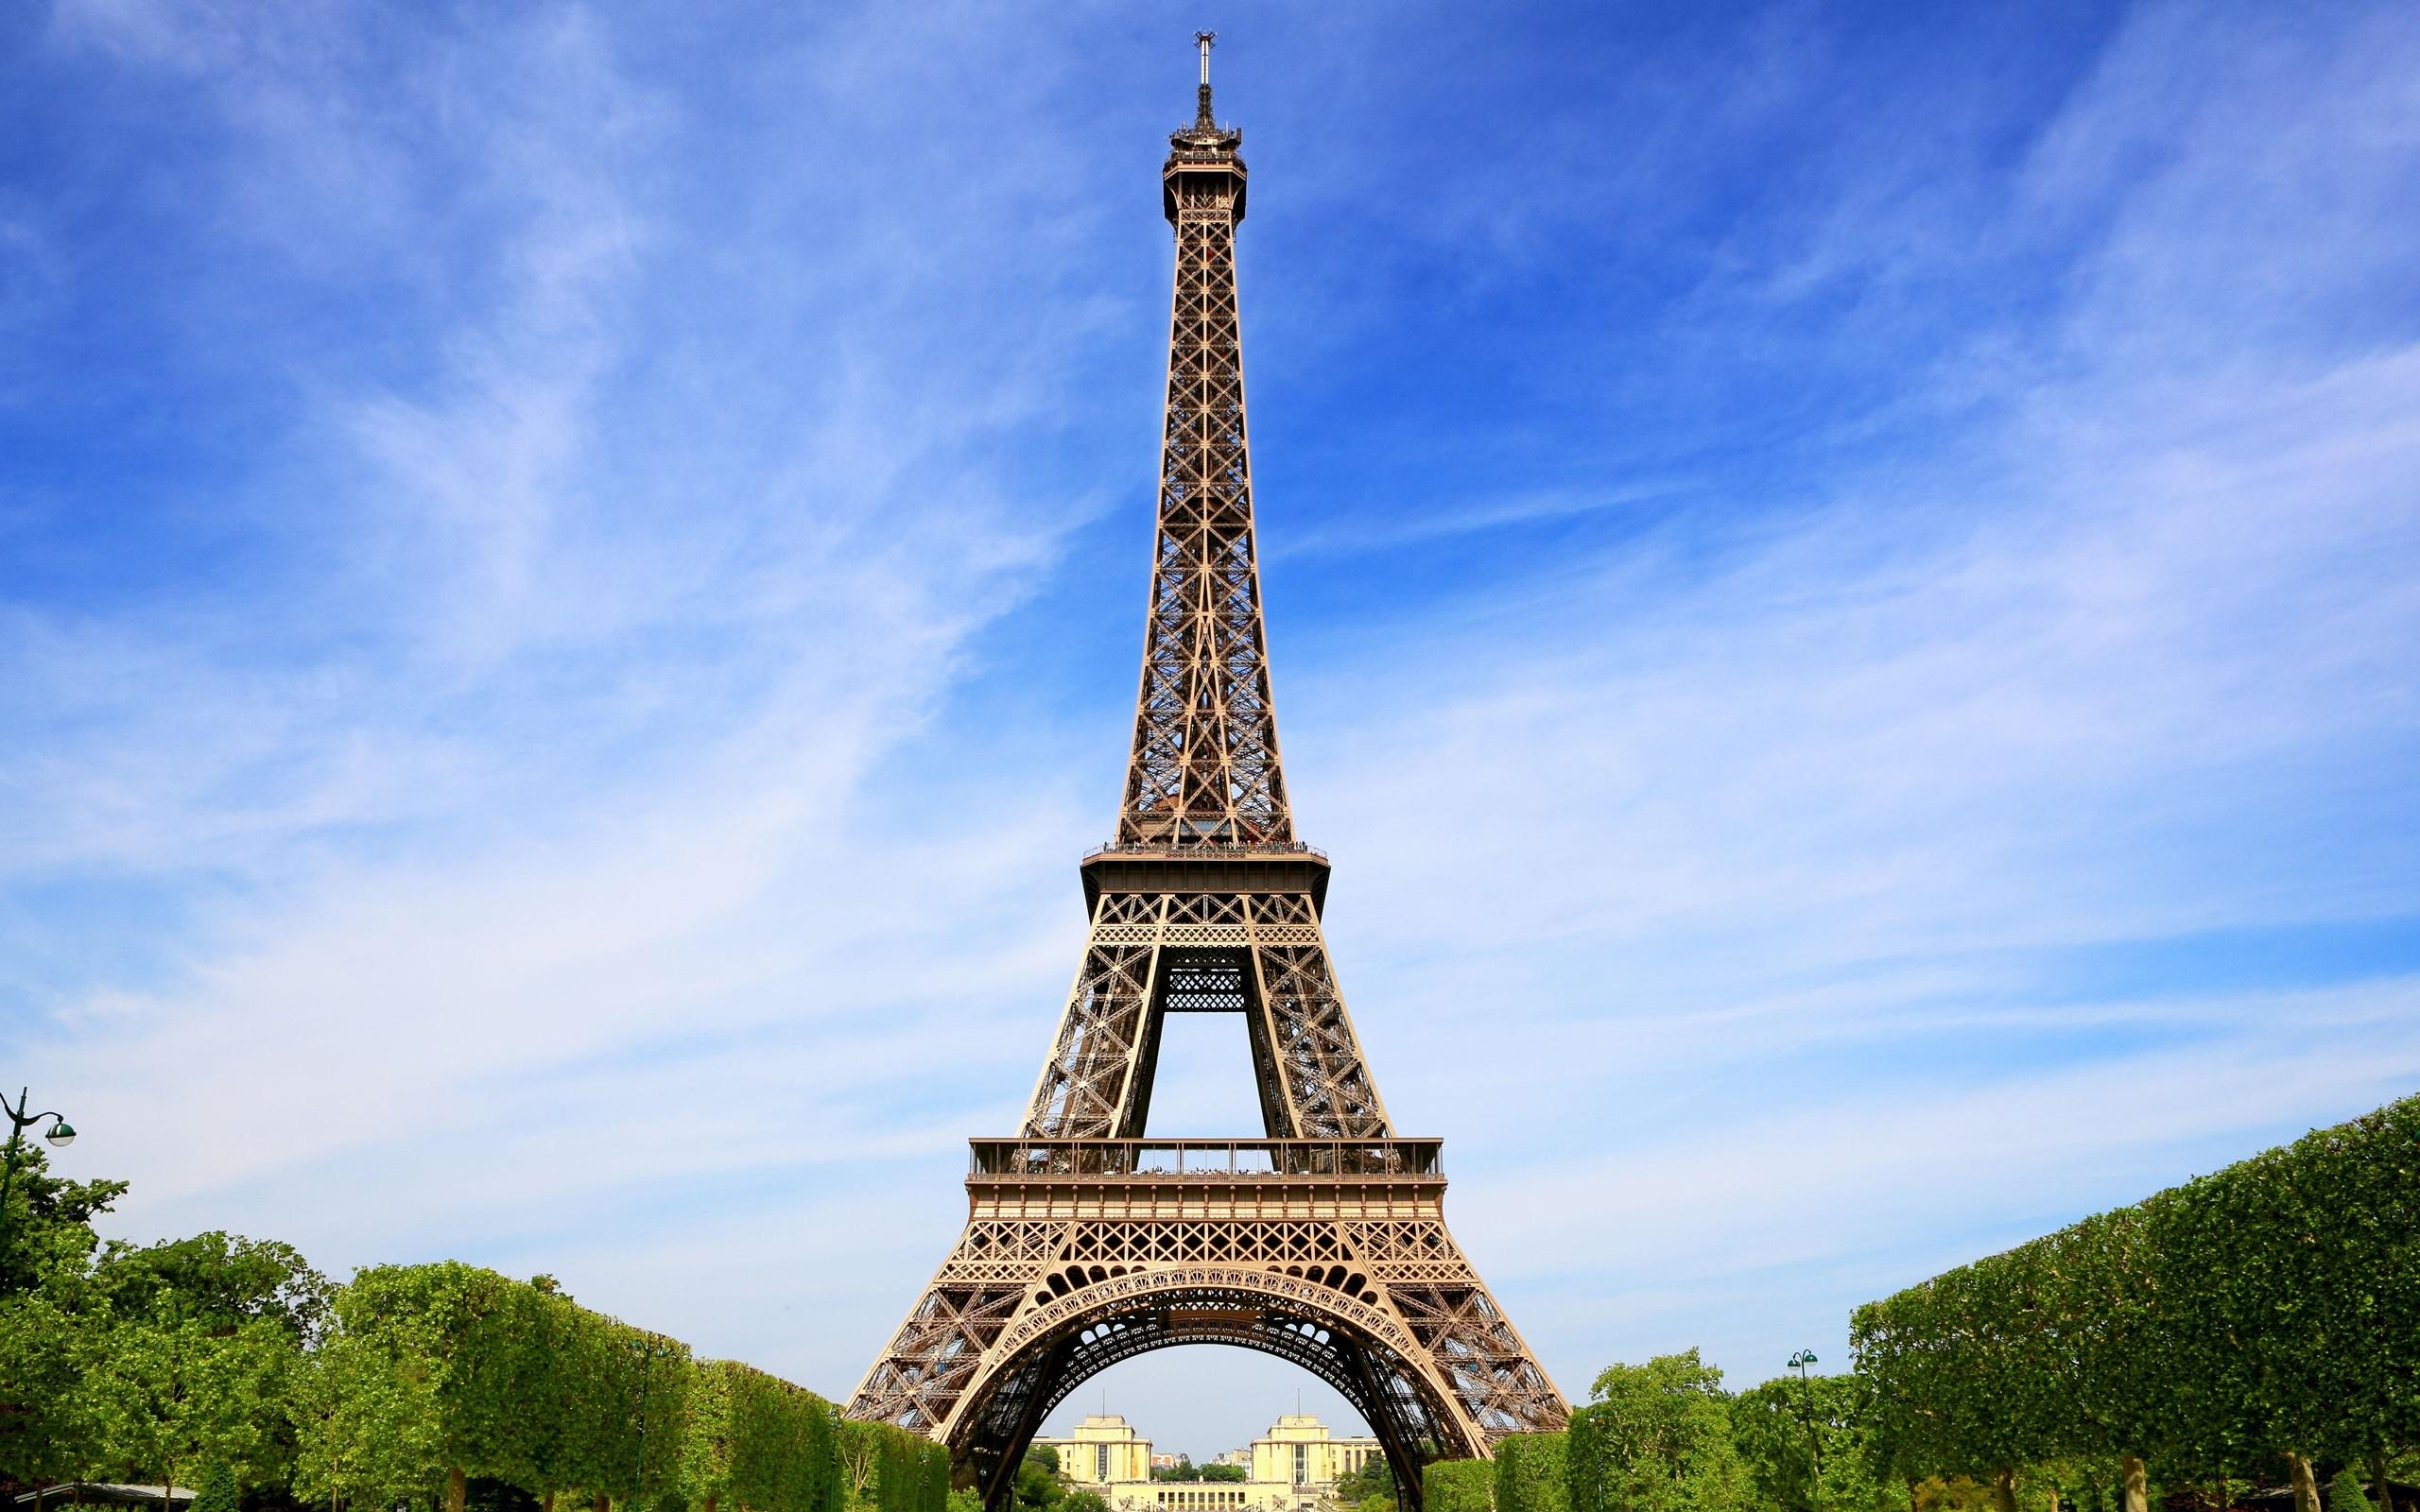 エッフェル塔 パリ フランス 青空 デスクトップの壁紙 2560x1600 壁紙をダウンロード Ja Hdwall365 Com